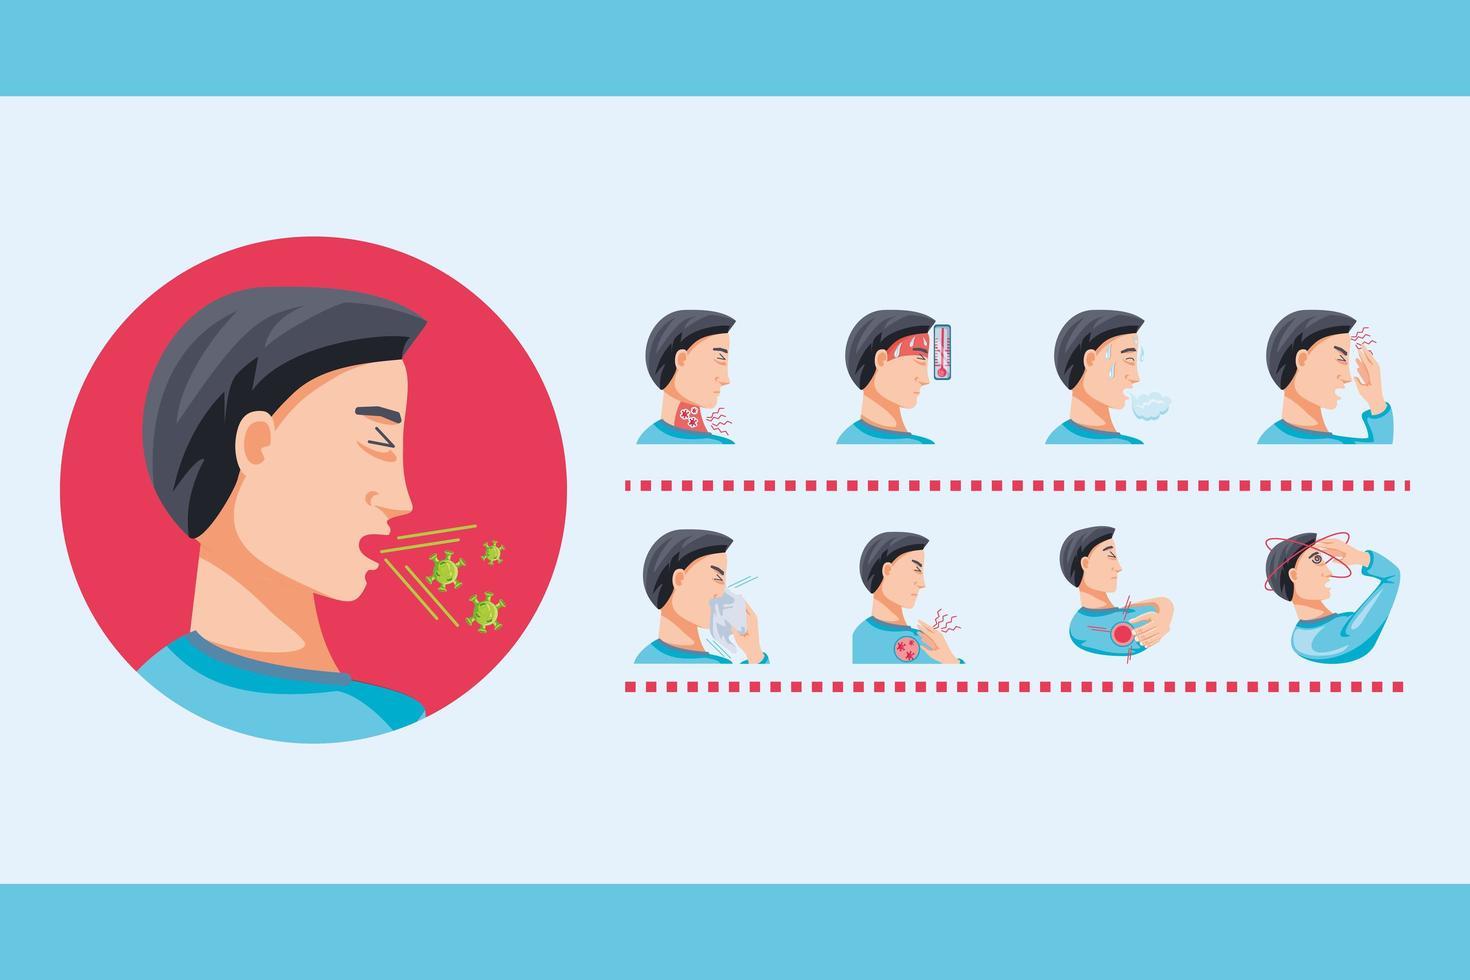 conjunto de iconos con síntomas de coronavirus vector